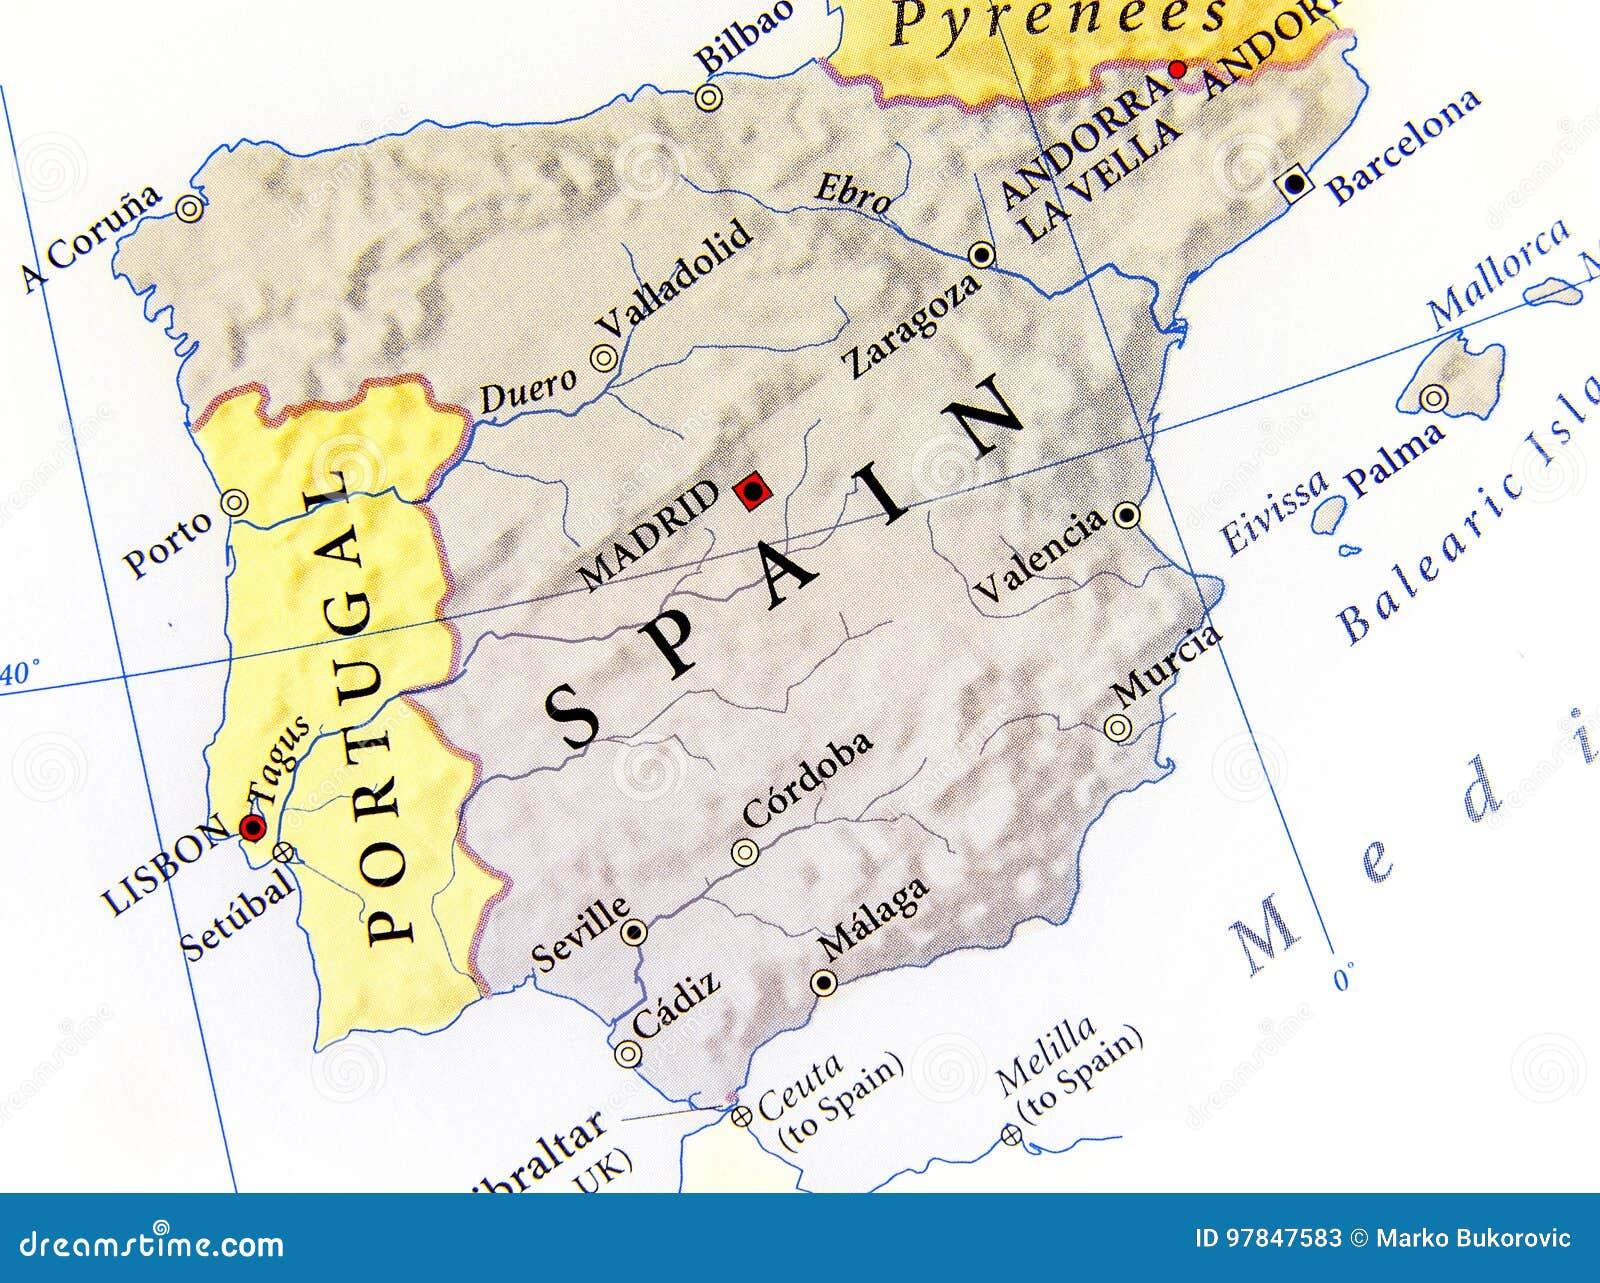 Cartina Della Spagna Geografica.Mappa Geografica Della Spagna Con Le Citta Importanti Immagine Stock Immagine Di Globo Bordo 97847583